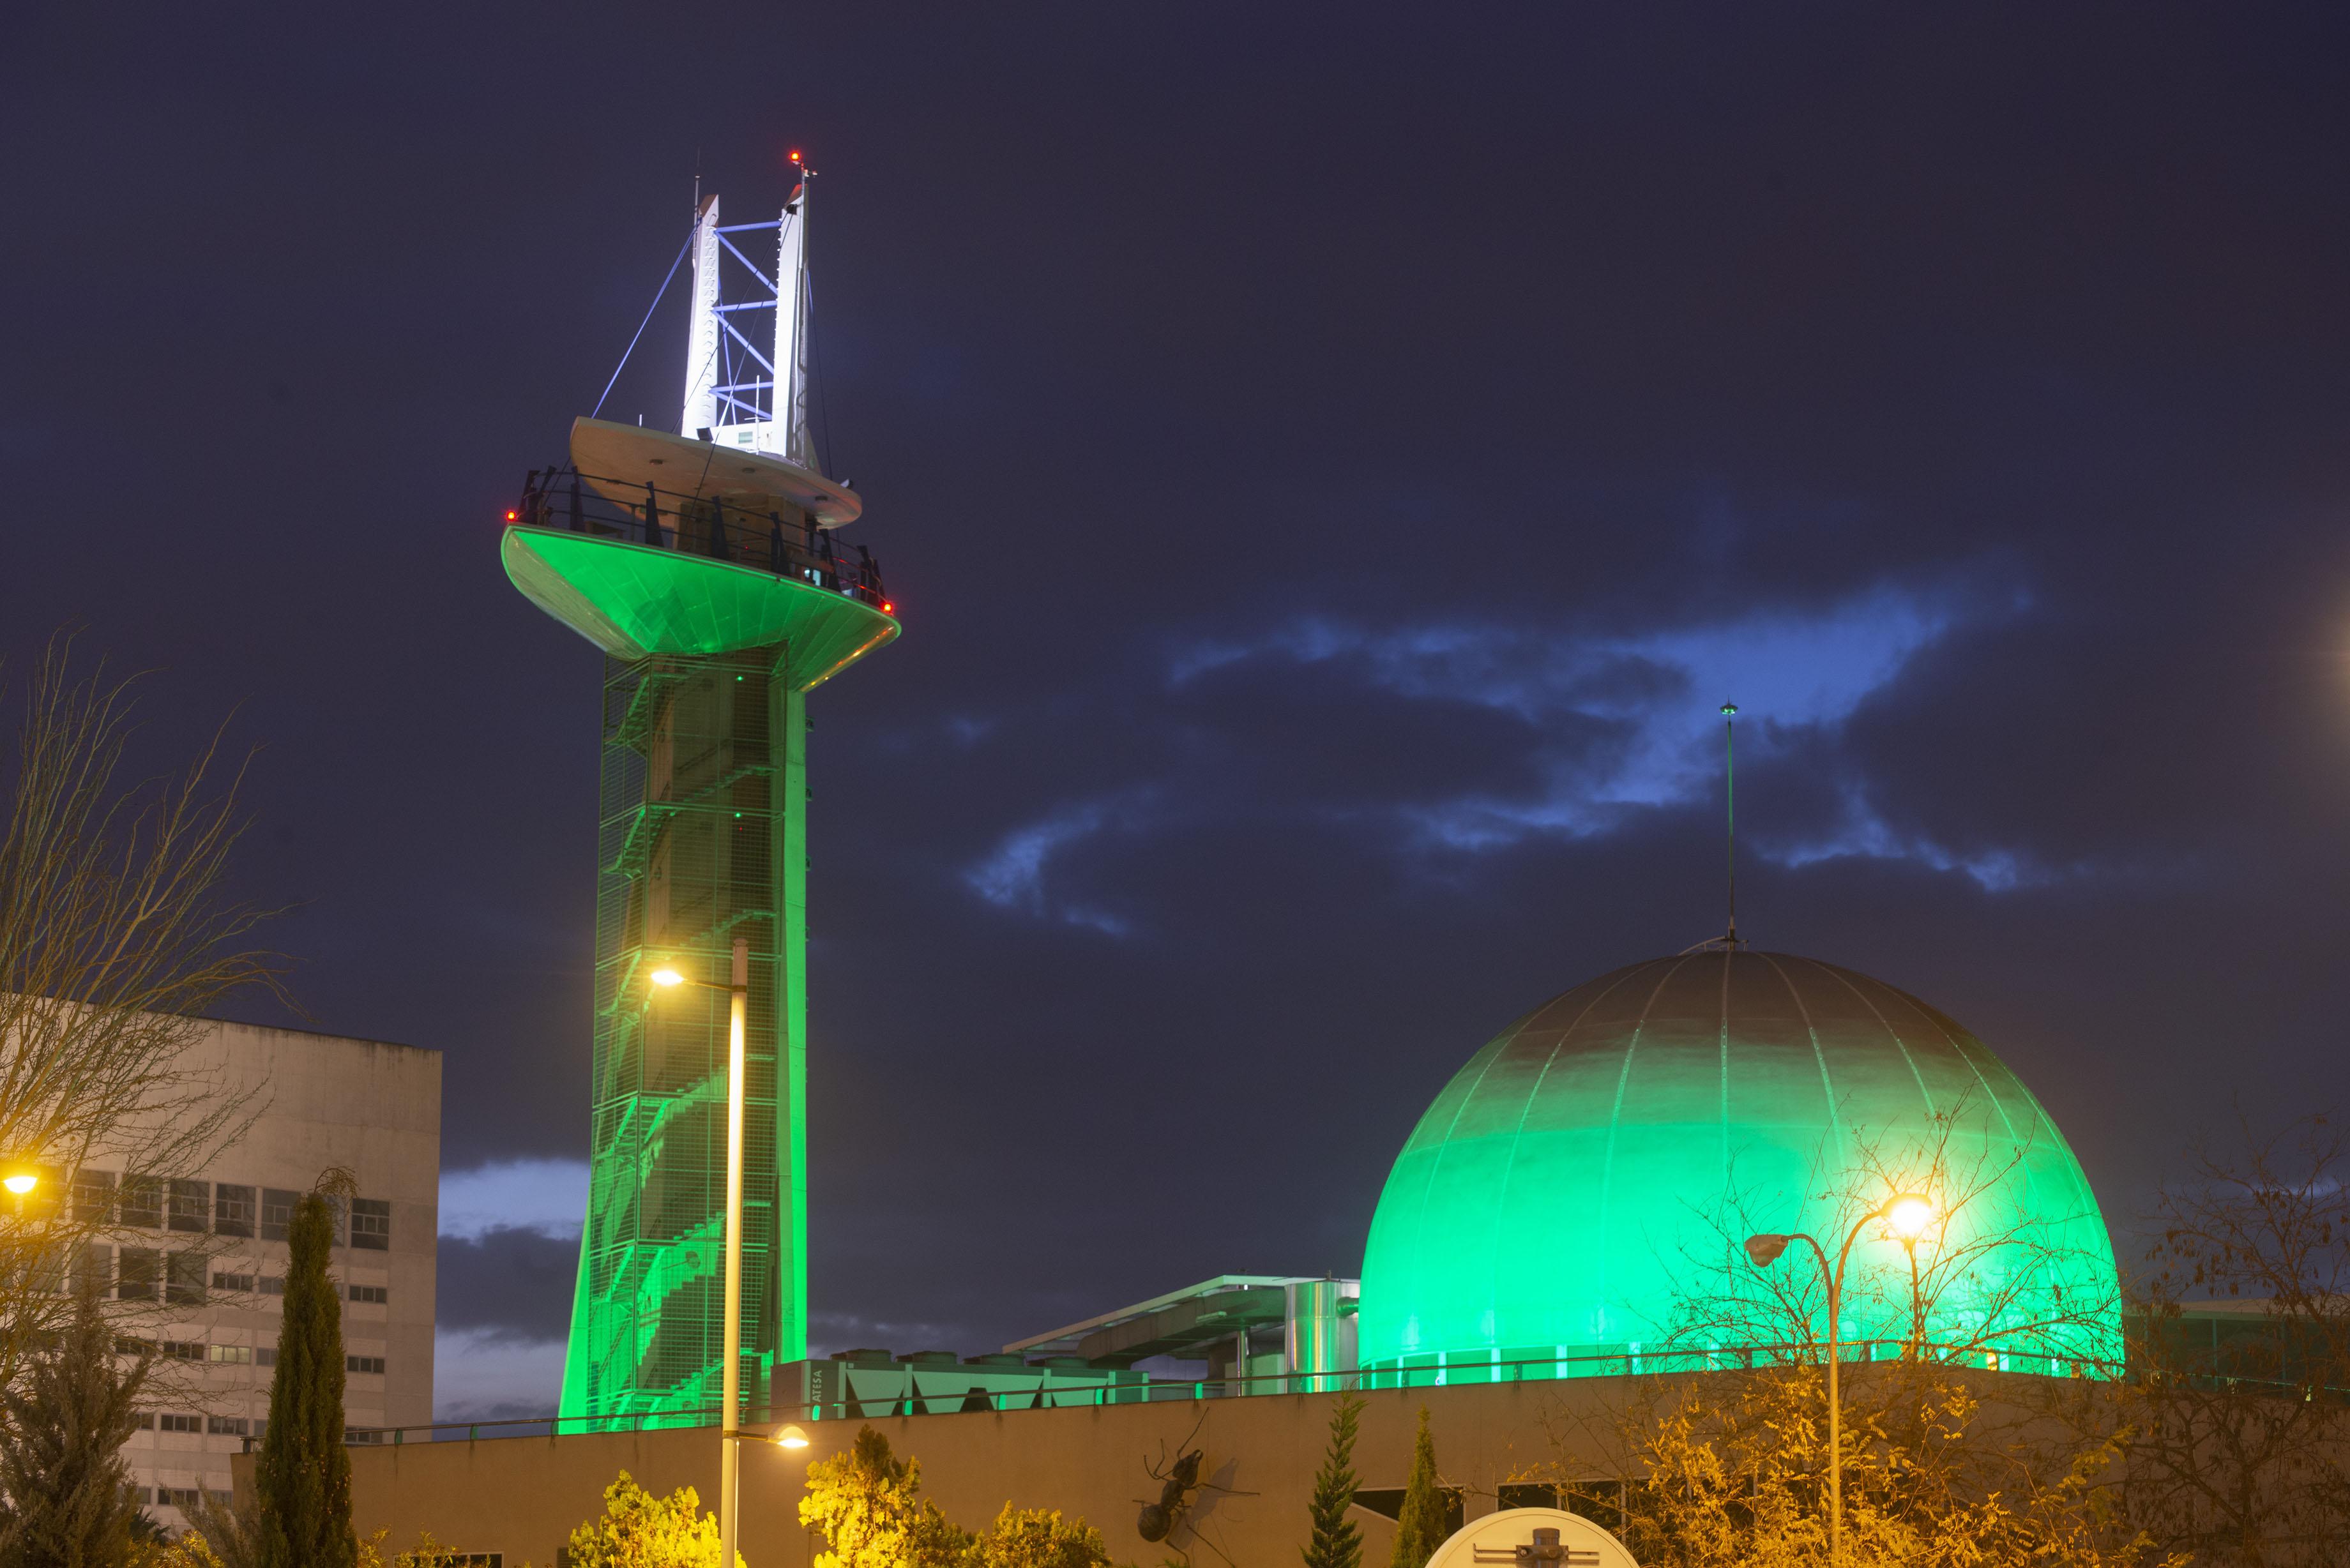 La Torre del Parque de las Ciencias se ilumina de verde para fomentar la salud y el bienestar